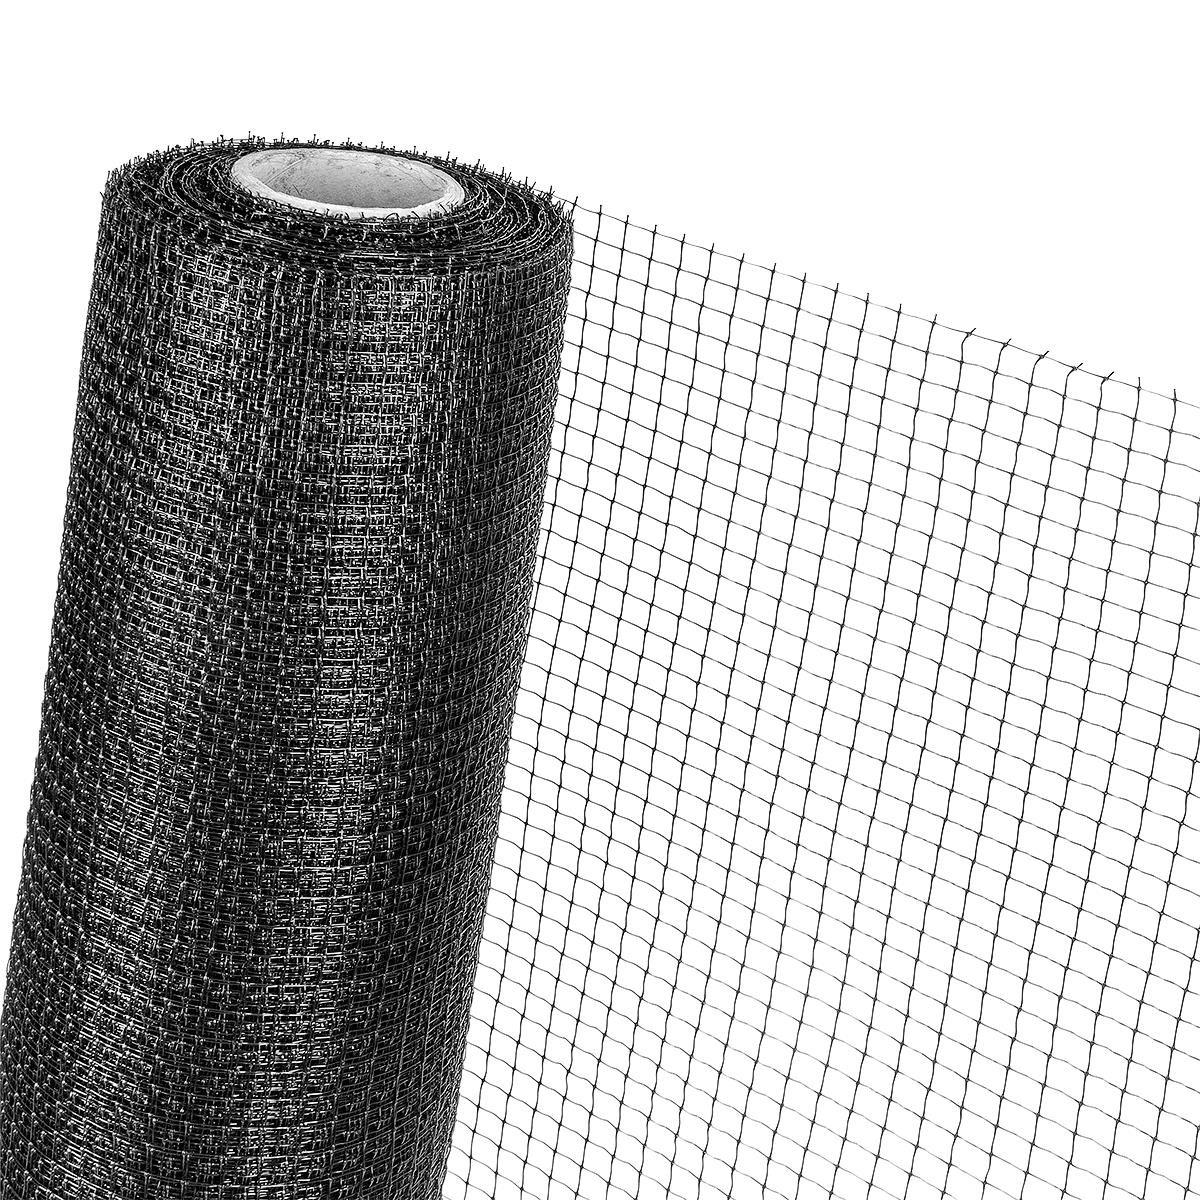 MAULWURFNETZ 1m x 200m Maulwurfbekämpfung Maulwurfschutz für Rasen-Rollrasen